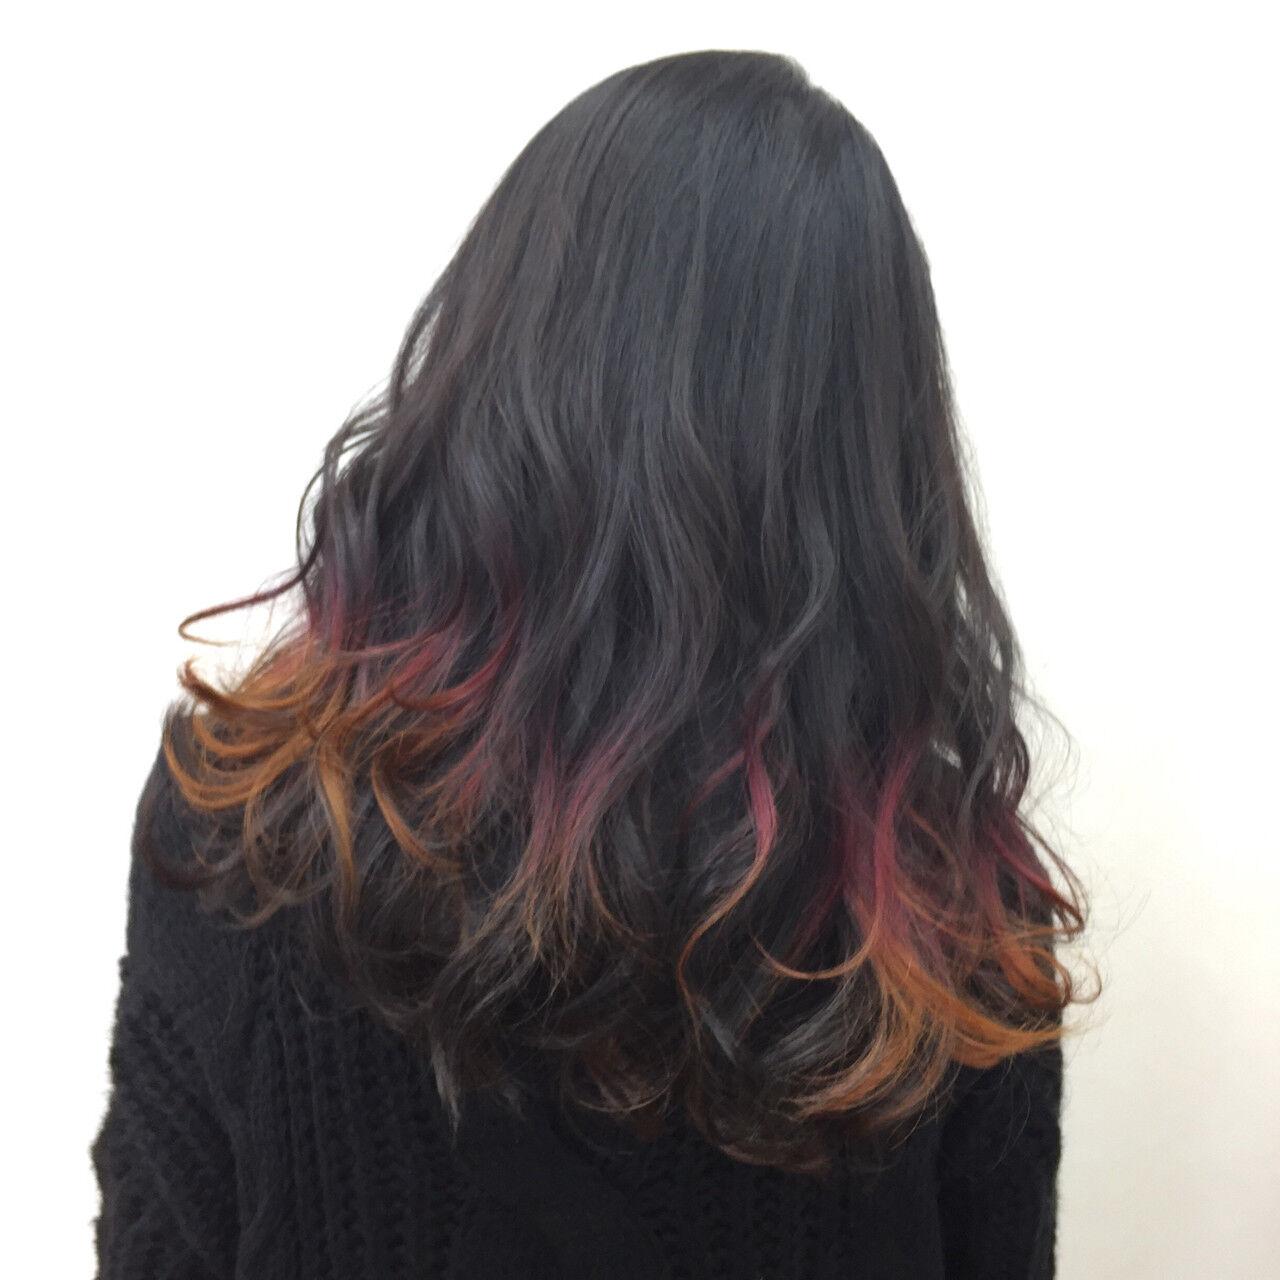 イエロー モード ロング オレンジヘアスタイルや髪型の写真・画像